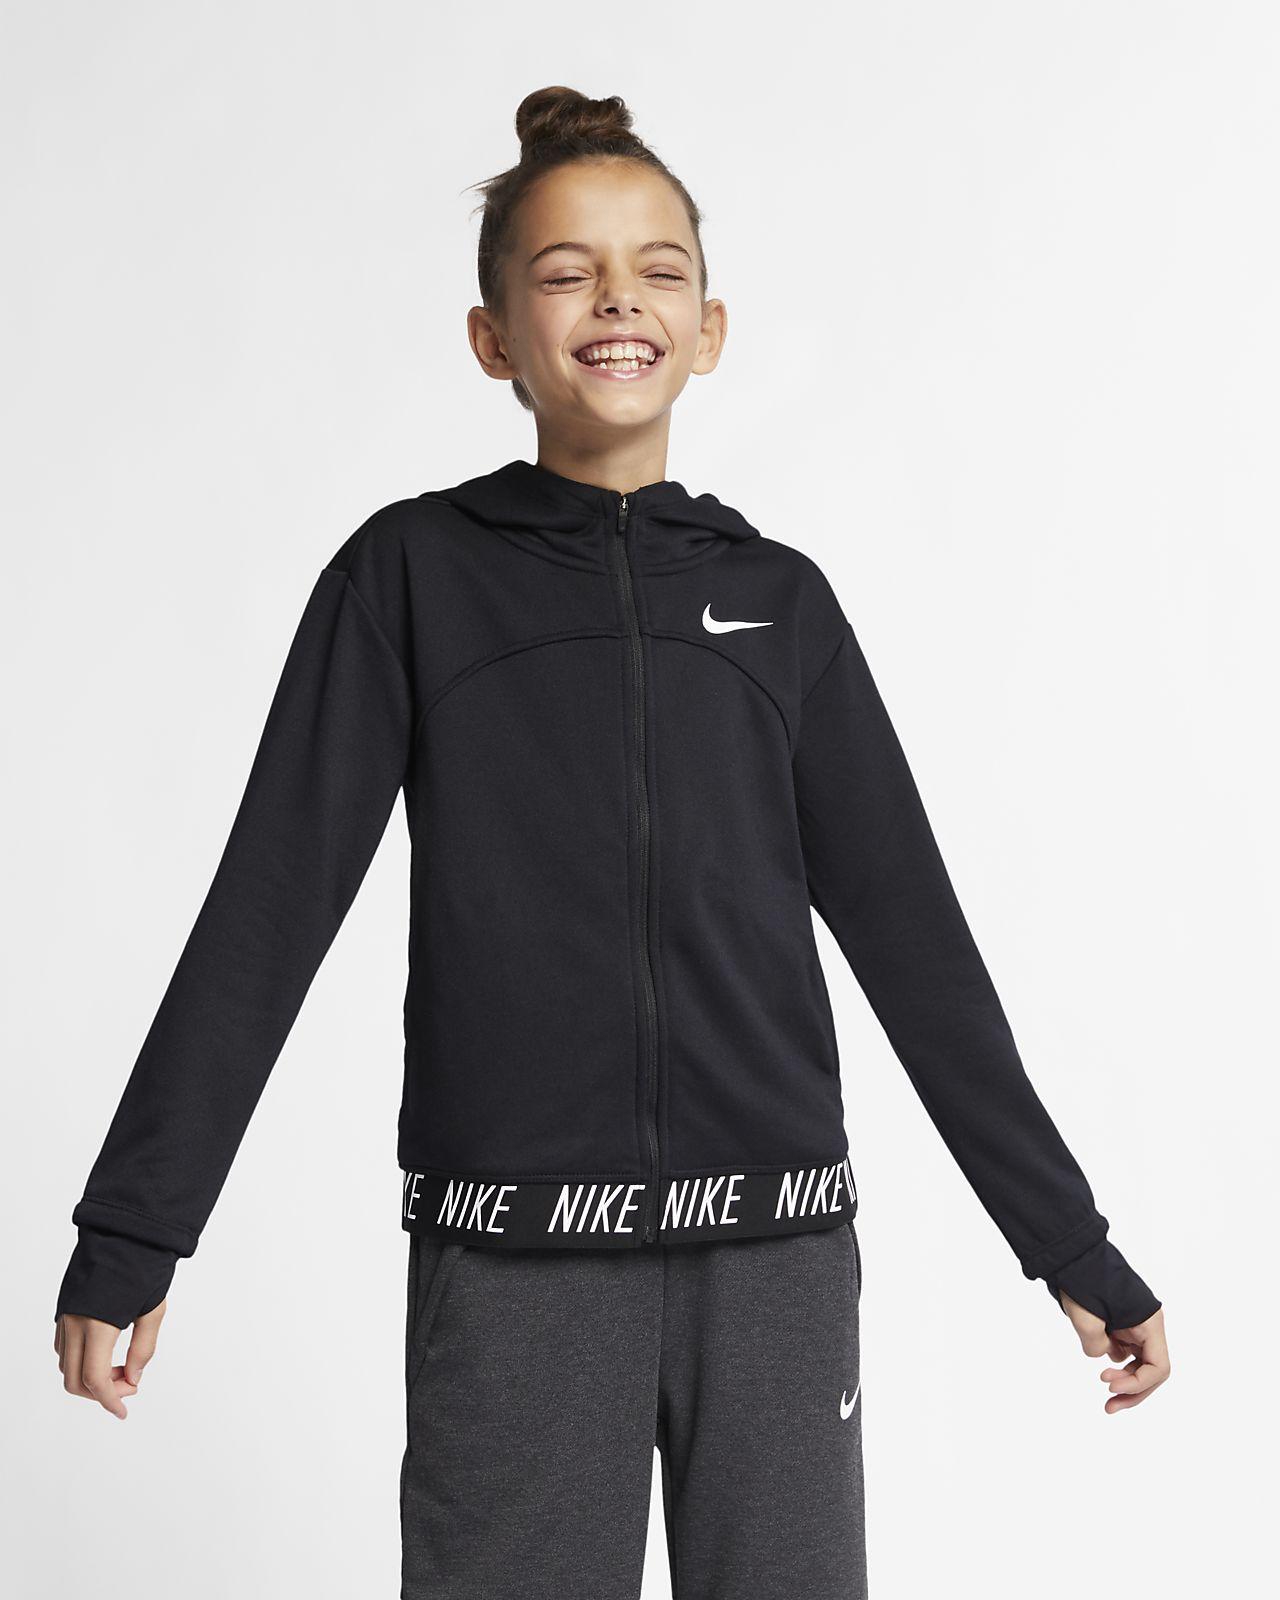 Nike Dri-FIT Core Studio Trainings-Hoodie mit durchgehendem Reißverschluss für ältere Kinder (Mädchen)